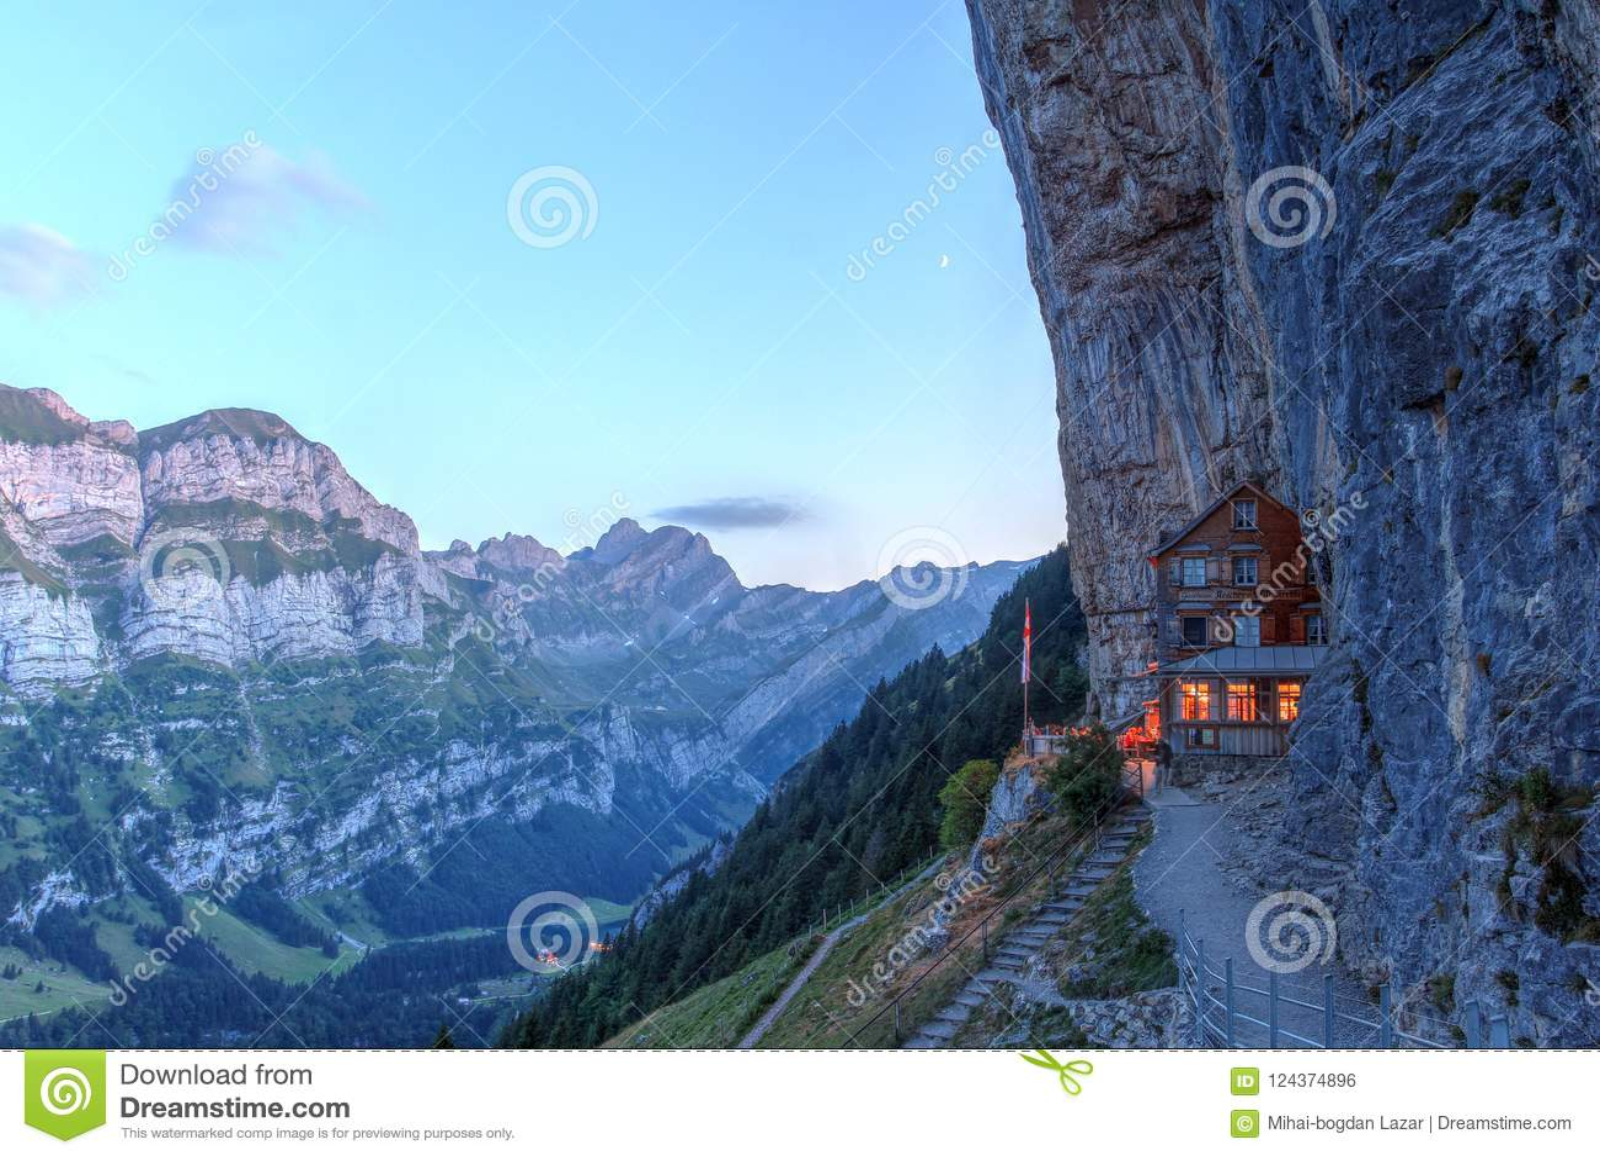 Aescher Cliff, Switzerland